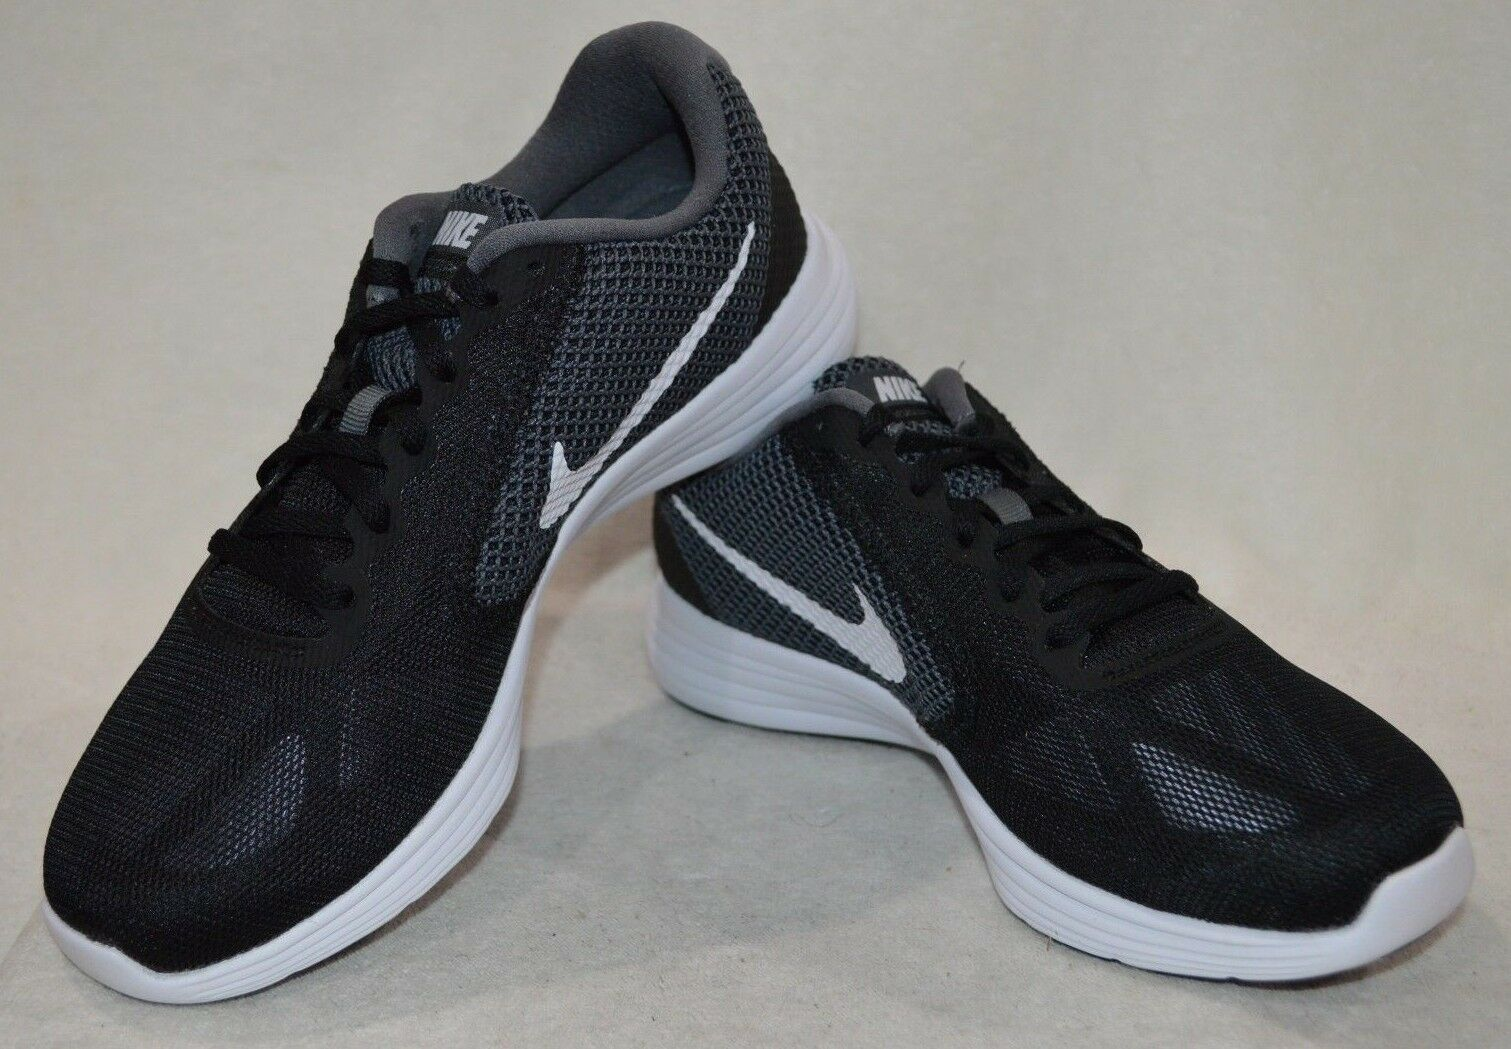 nike grigio / bianco / nero nero nero rivoluzione 3 le scarpe da corsa asst confezioni ampia 2e nwb | Numerosi In Varietà  | Gentiluomo/Signora Scarpa  bce4ce